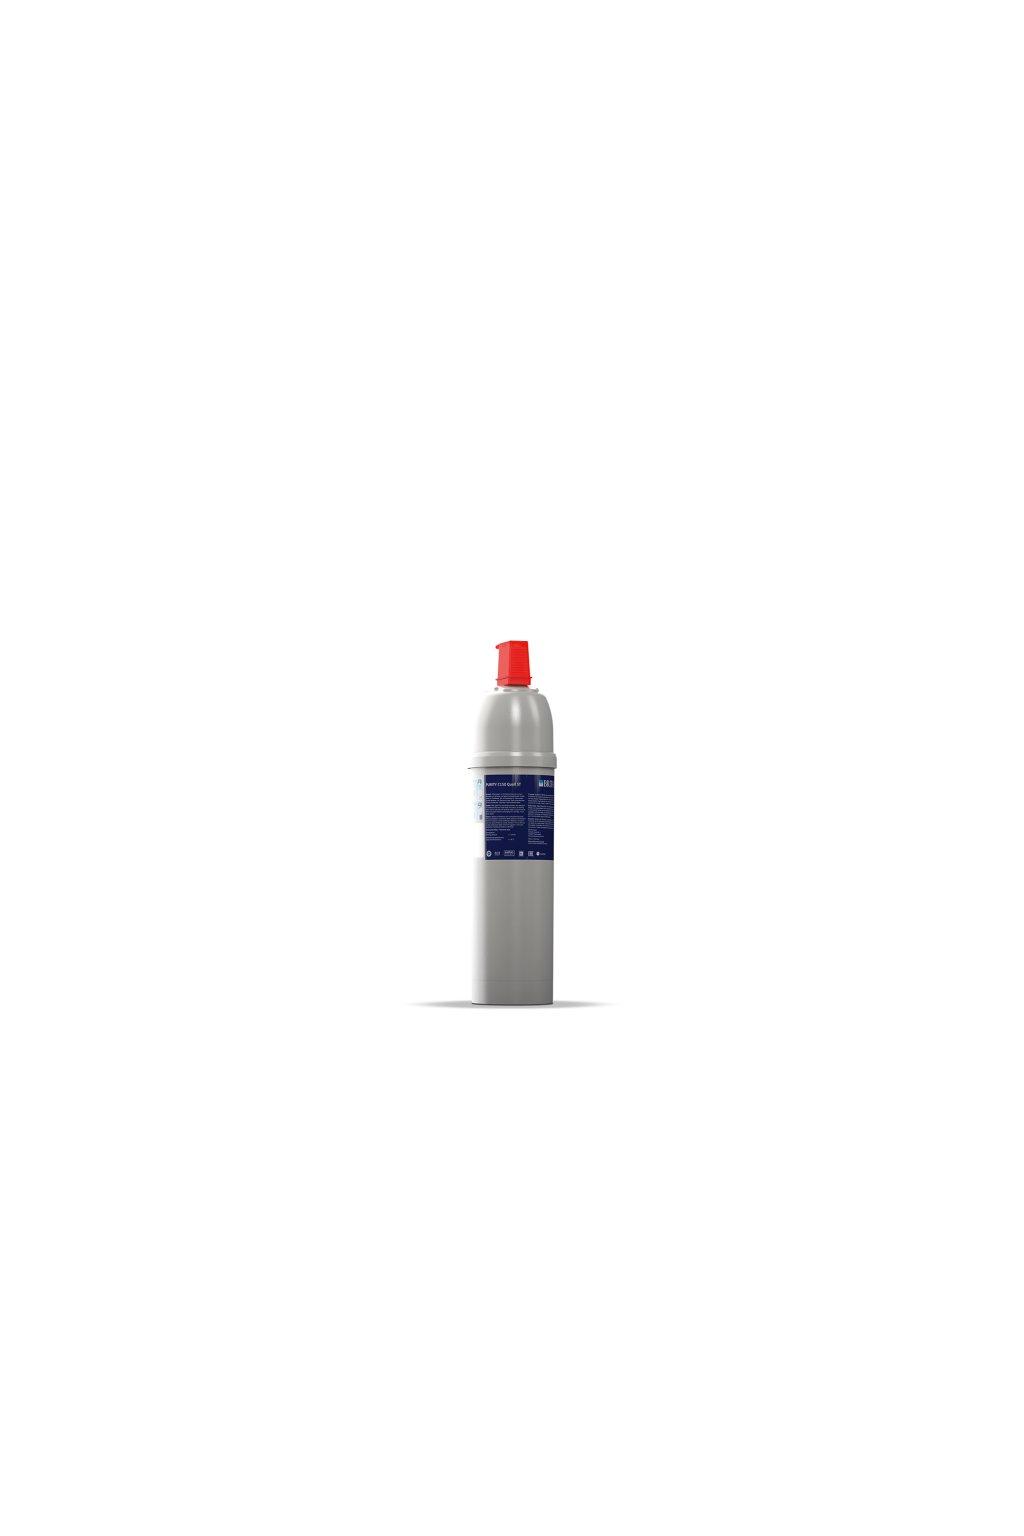 brita filter purity c quell st c150